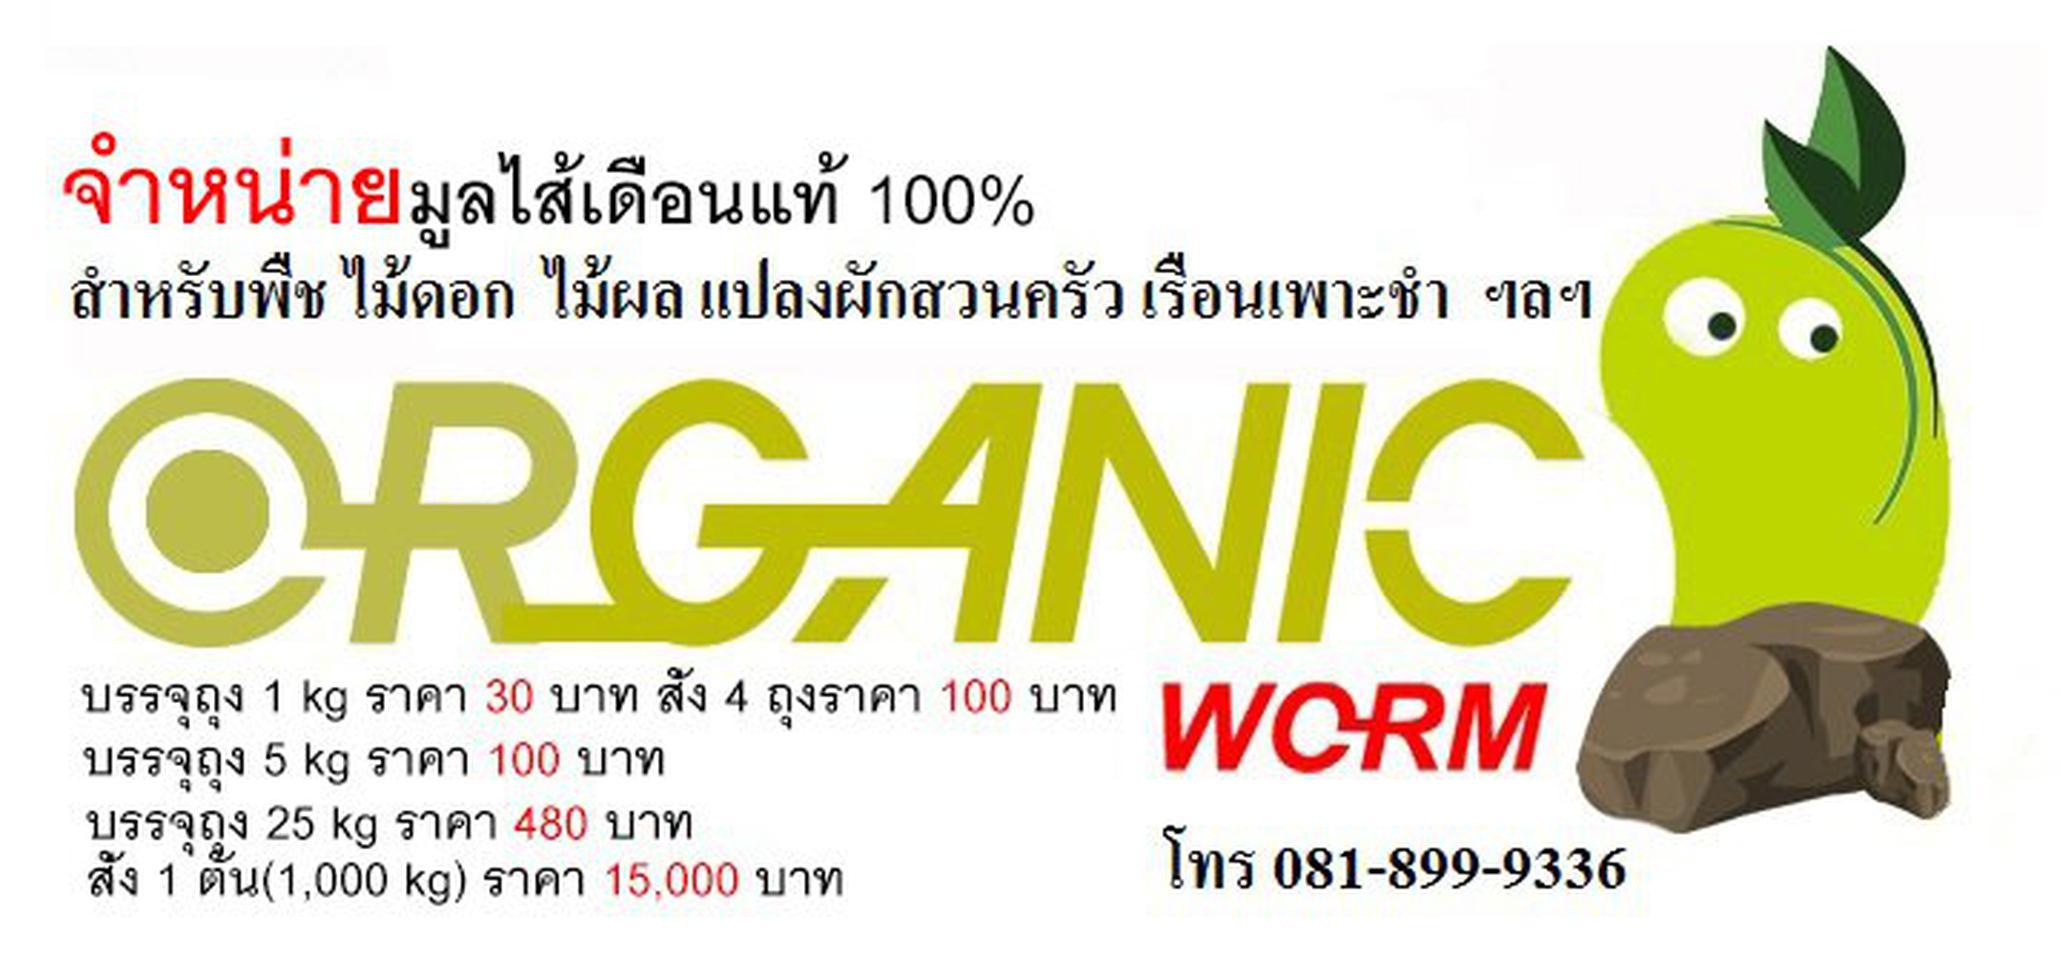 มูลไส้เดือนแท้ 100% ตรา Organic Worm รูปที่ 1